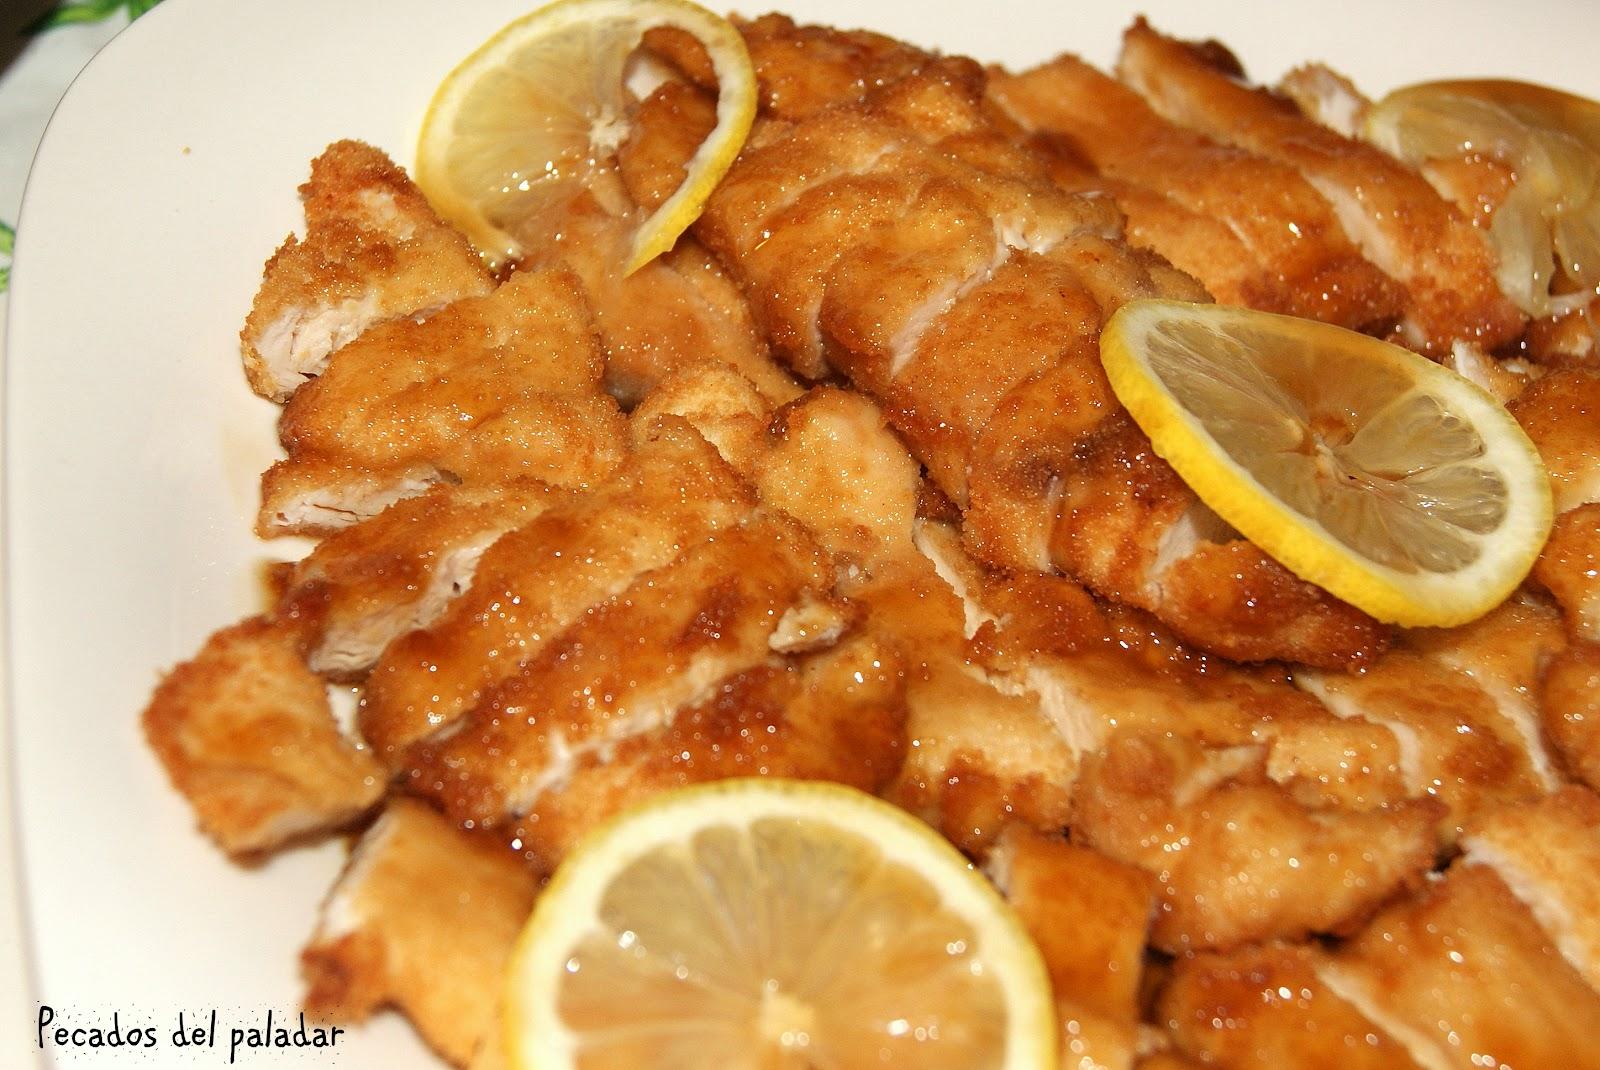 Pecados del paladar pollo al lim n estilo chino - Salsa de pollo al limon ...